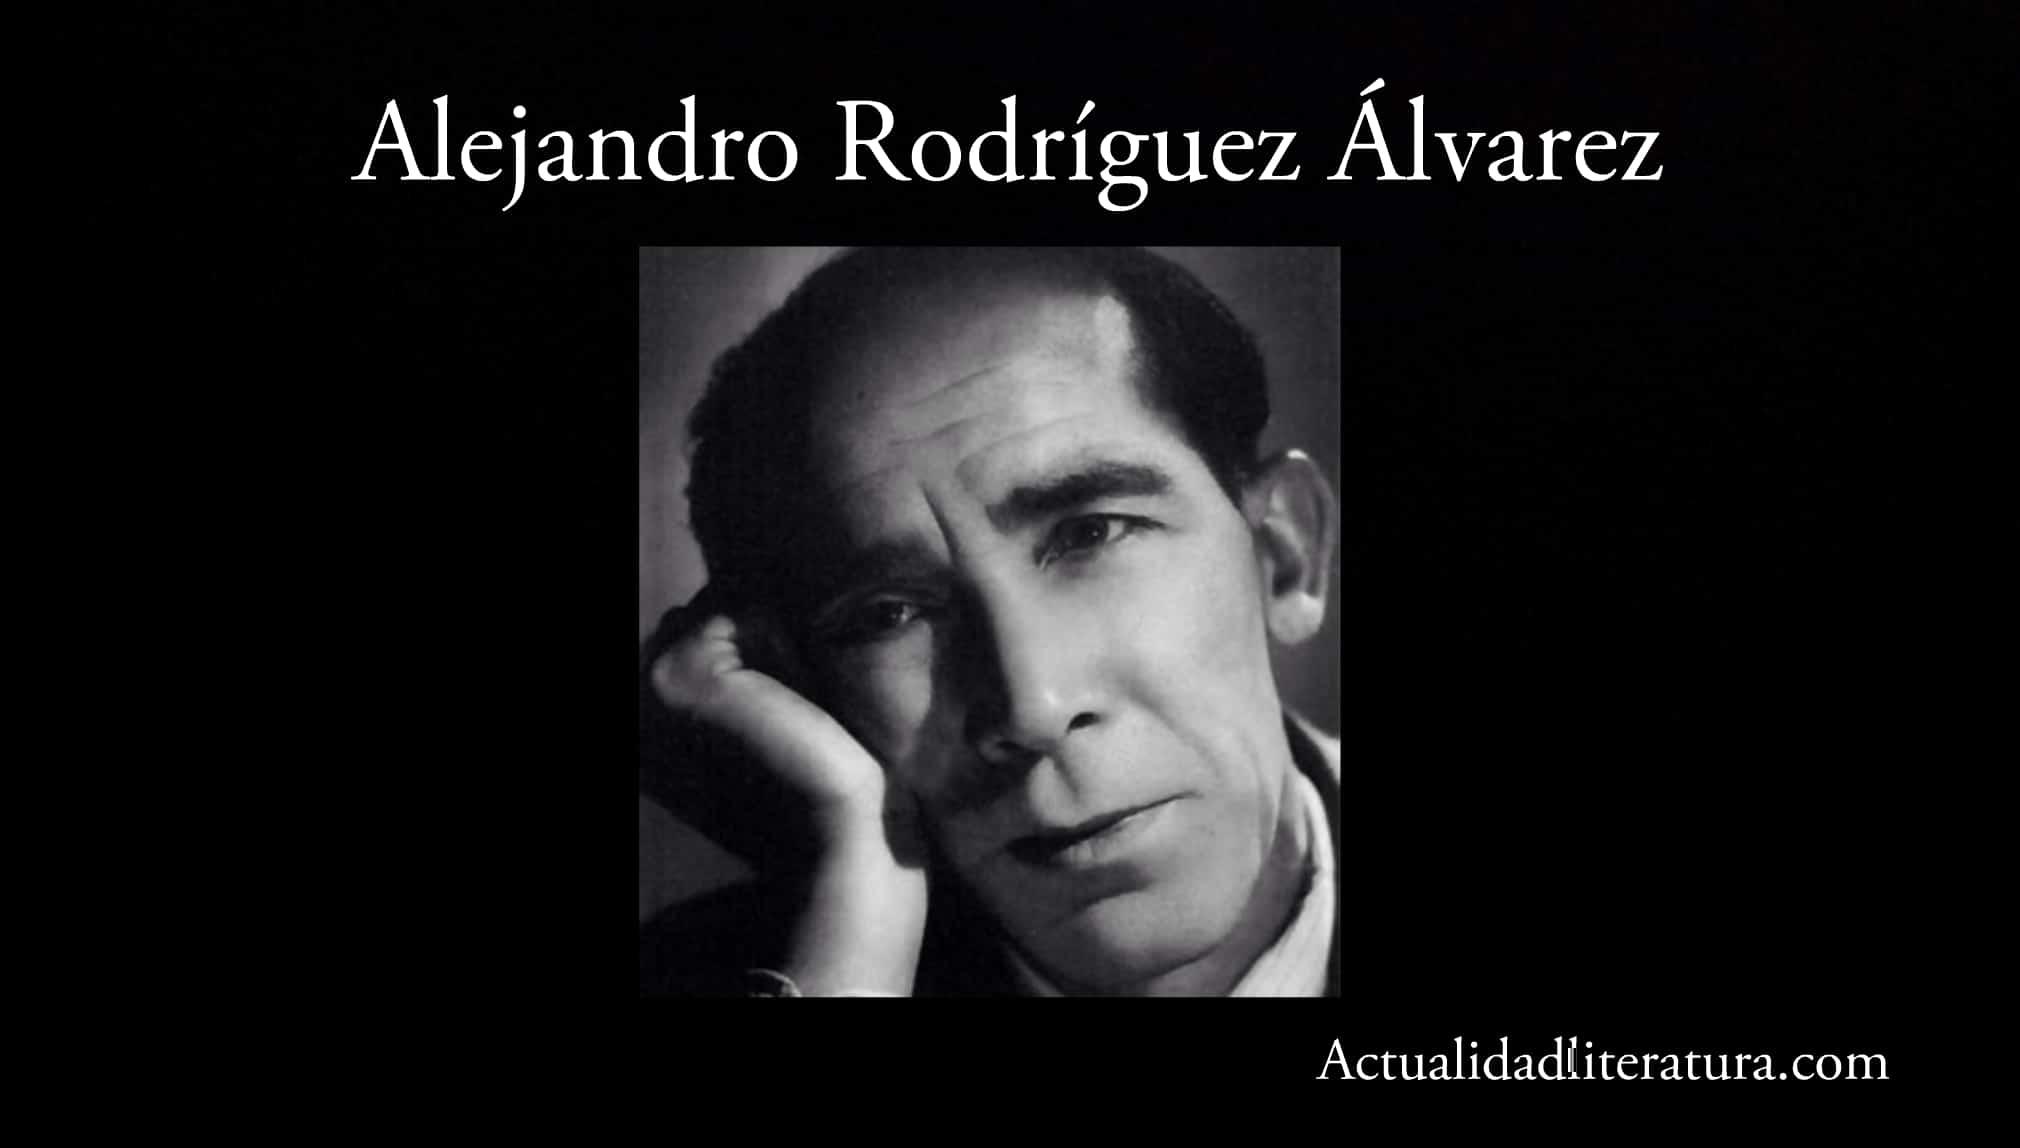 Alejandro Rodríguez Álvarez.